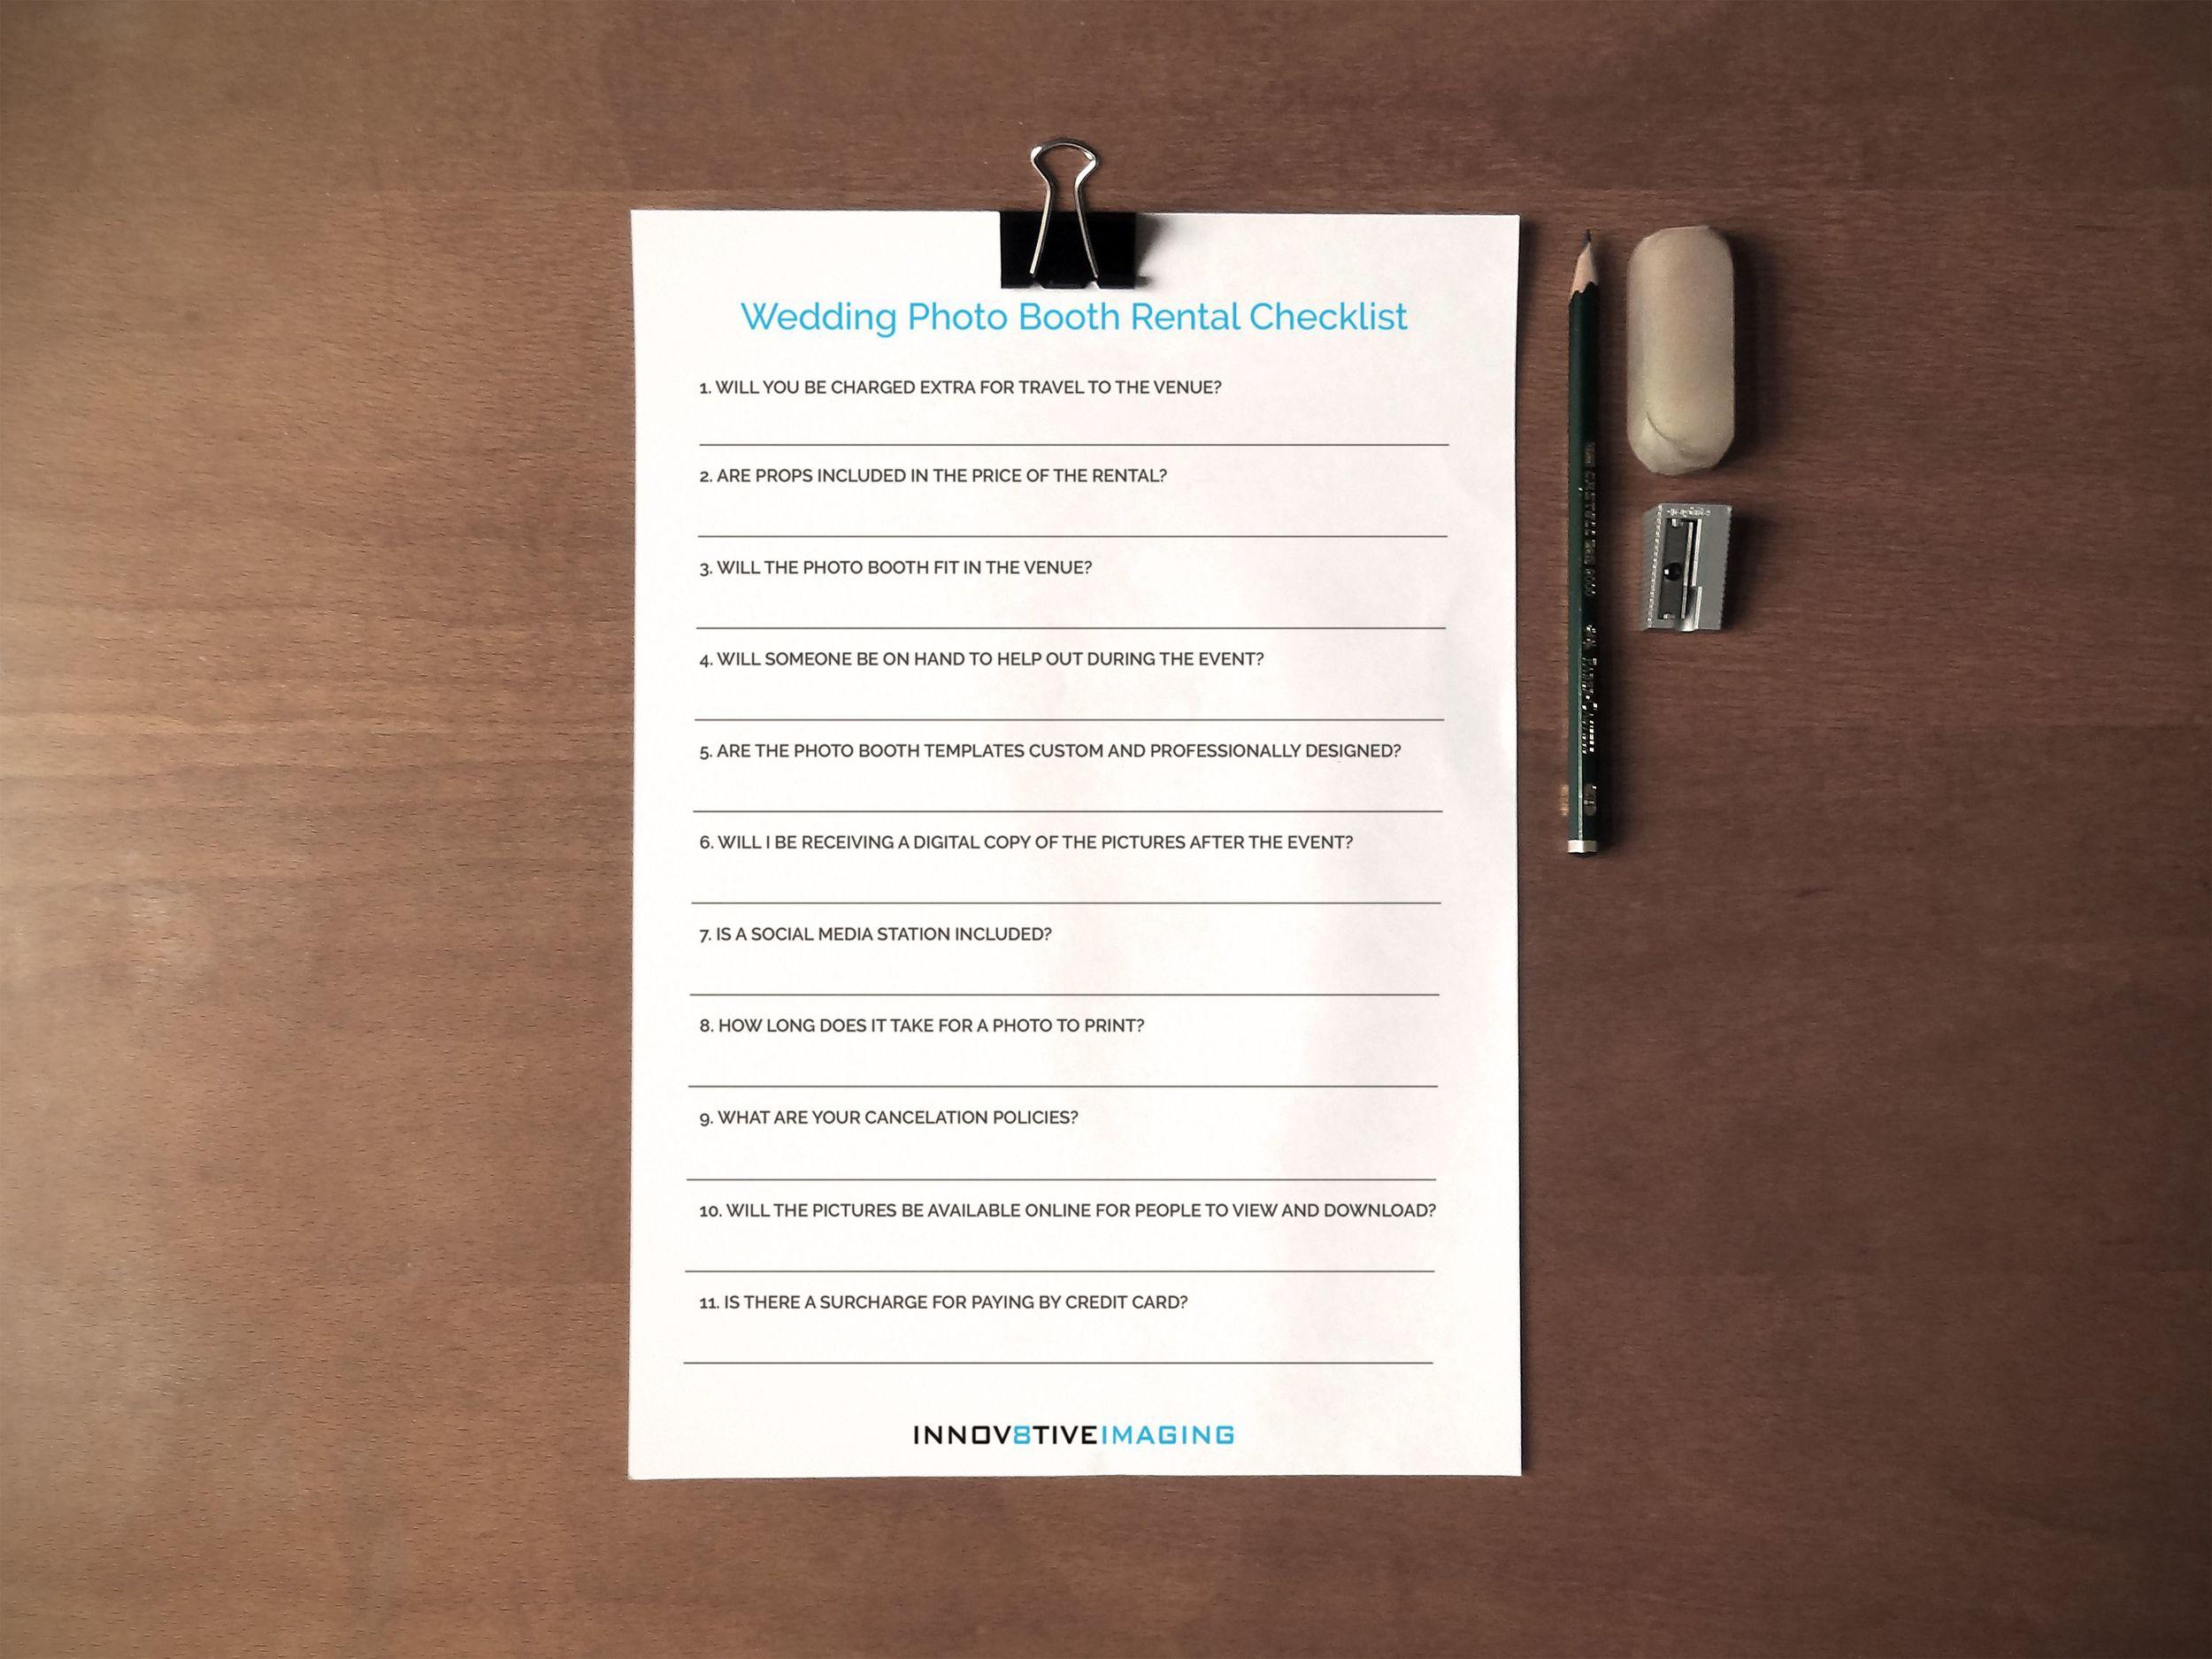 innov8tive-imaging-rental-checklist